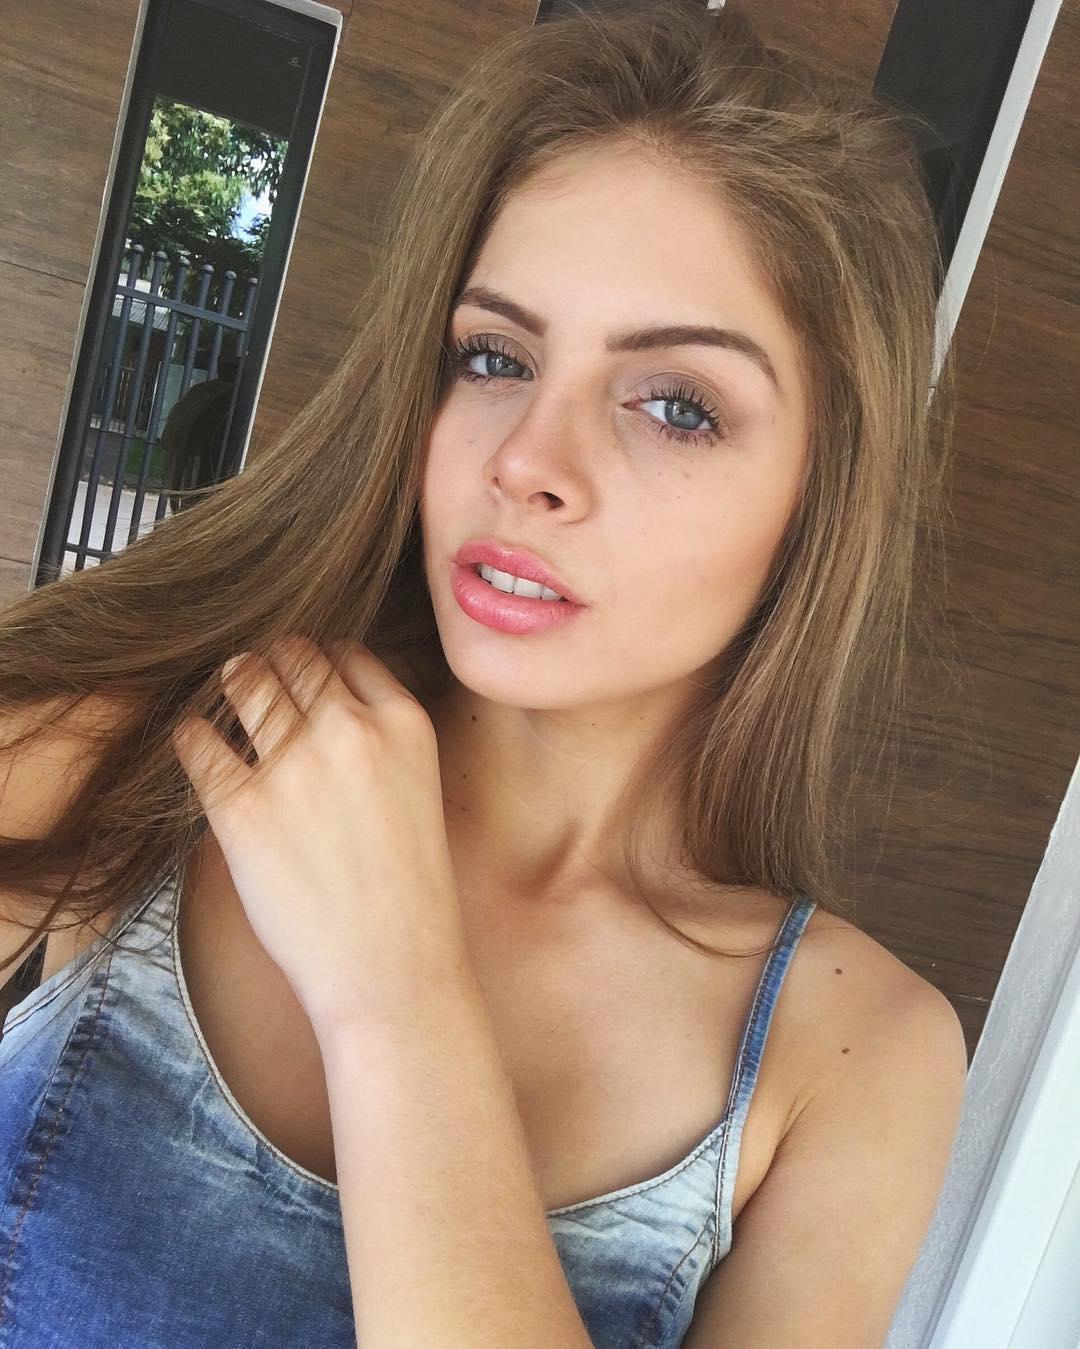 miss teen brasil 2017: izadora maitan. Irw9eqi7